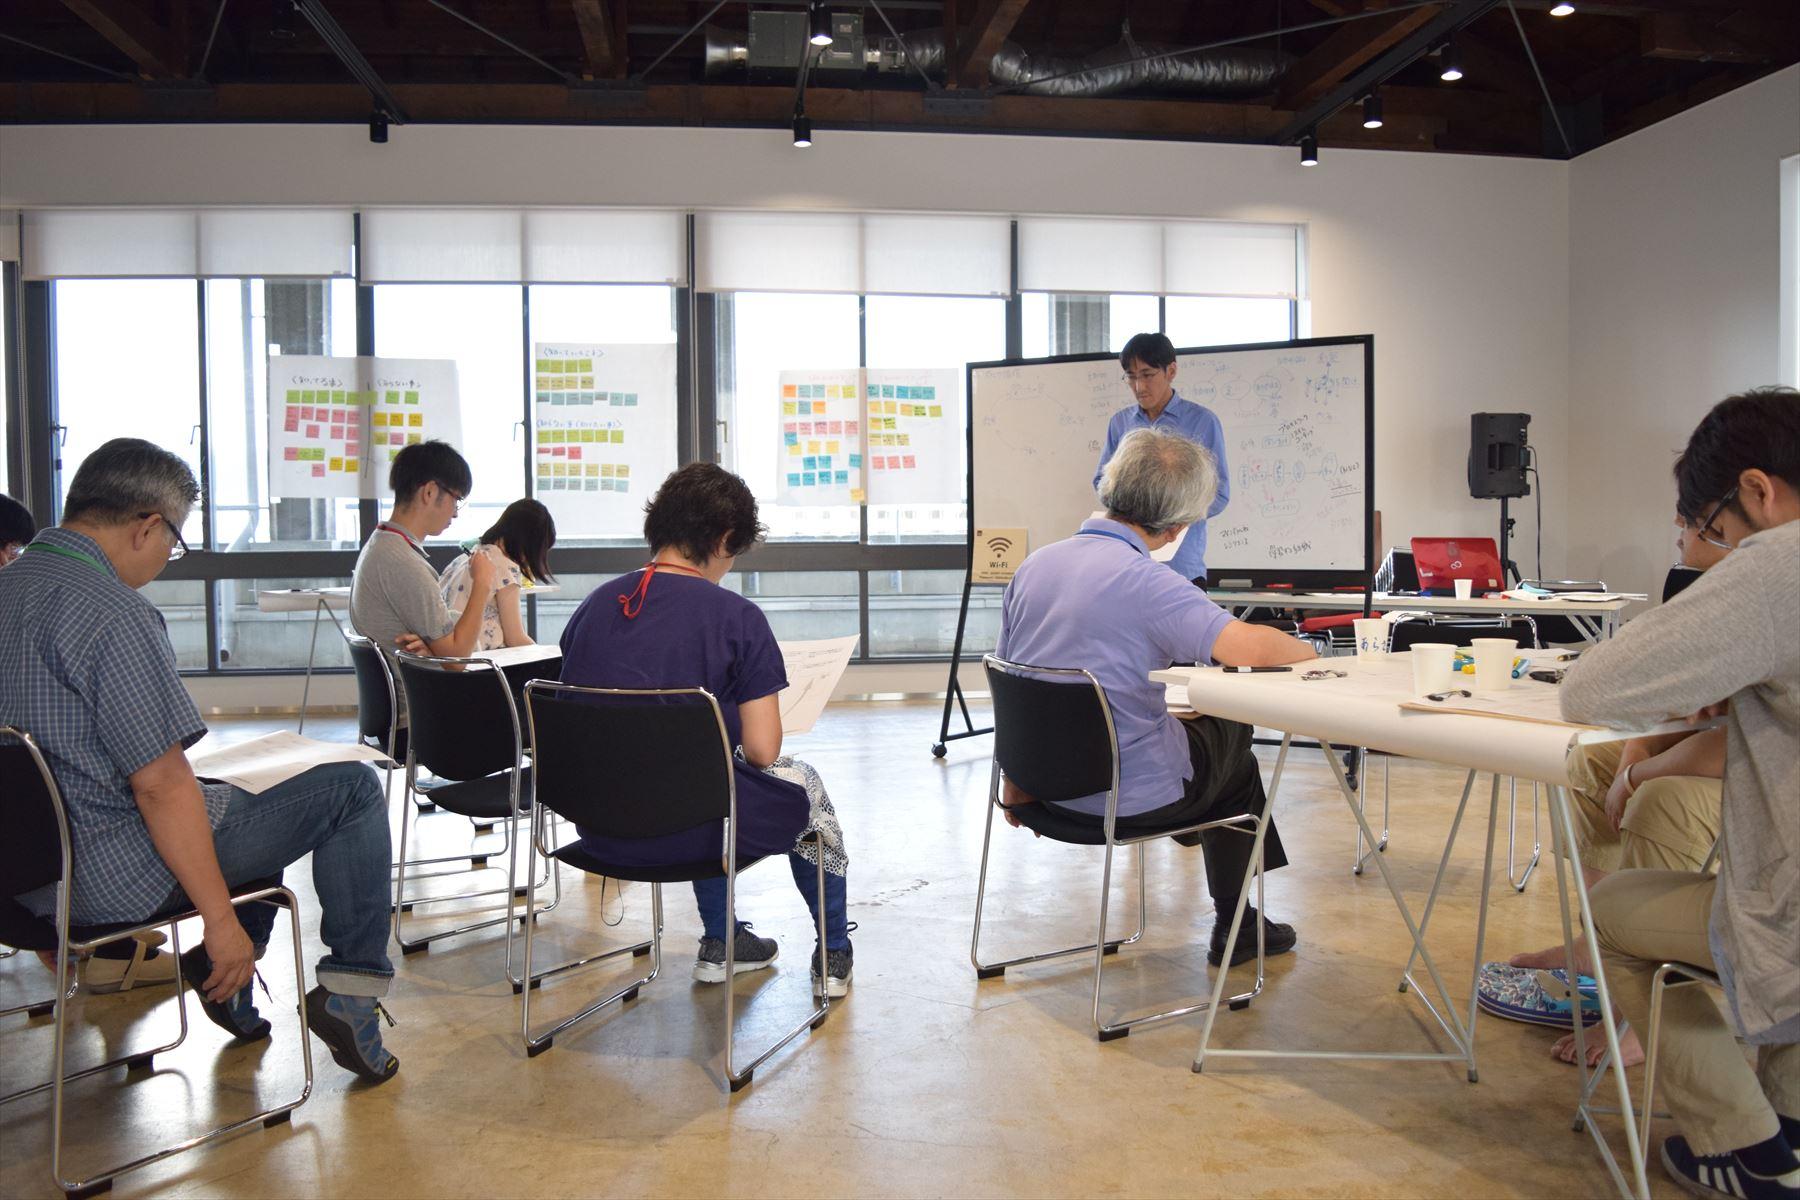 2017年度 場づくりカレッジ第1講「実践ファシリテーターへのいざないと地図づくり~場を企画・設計デザインする~」開催報告 2017年8月19-20日 @Impact hub Kyoto